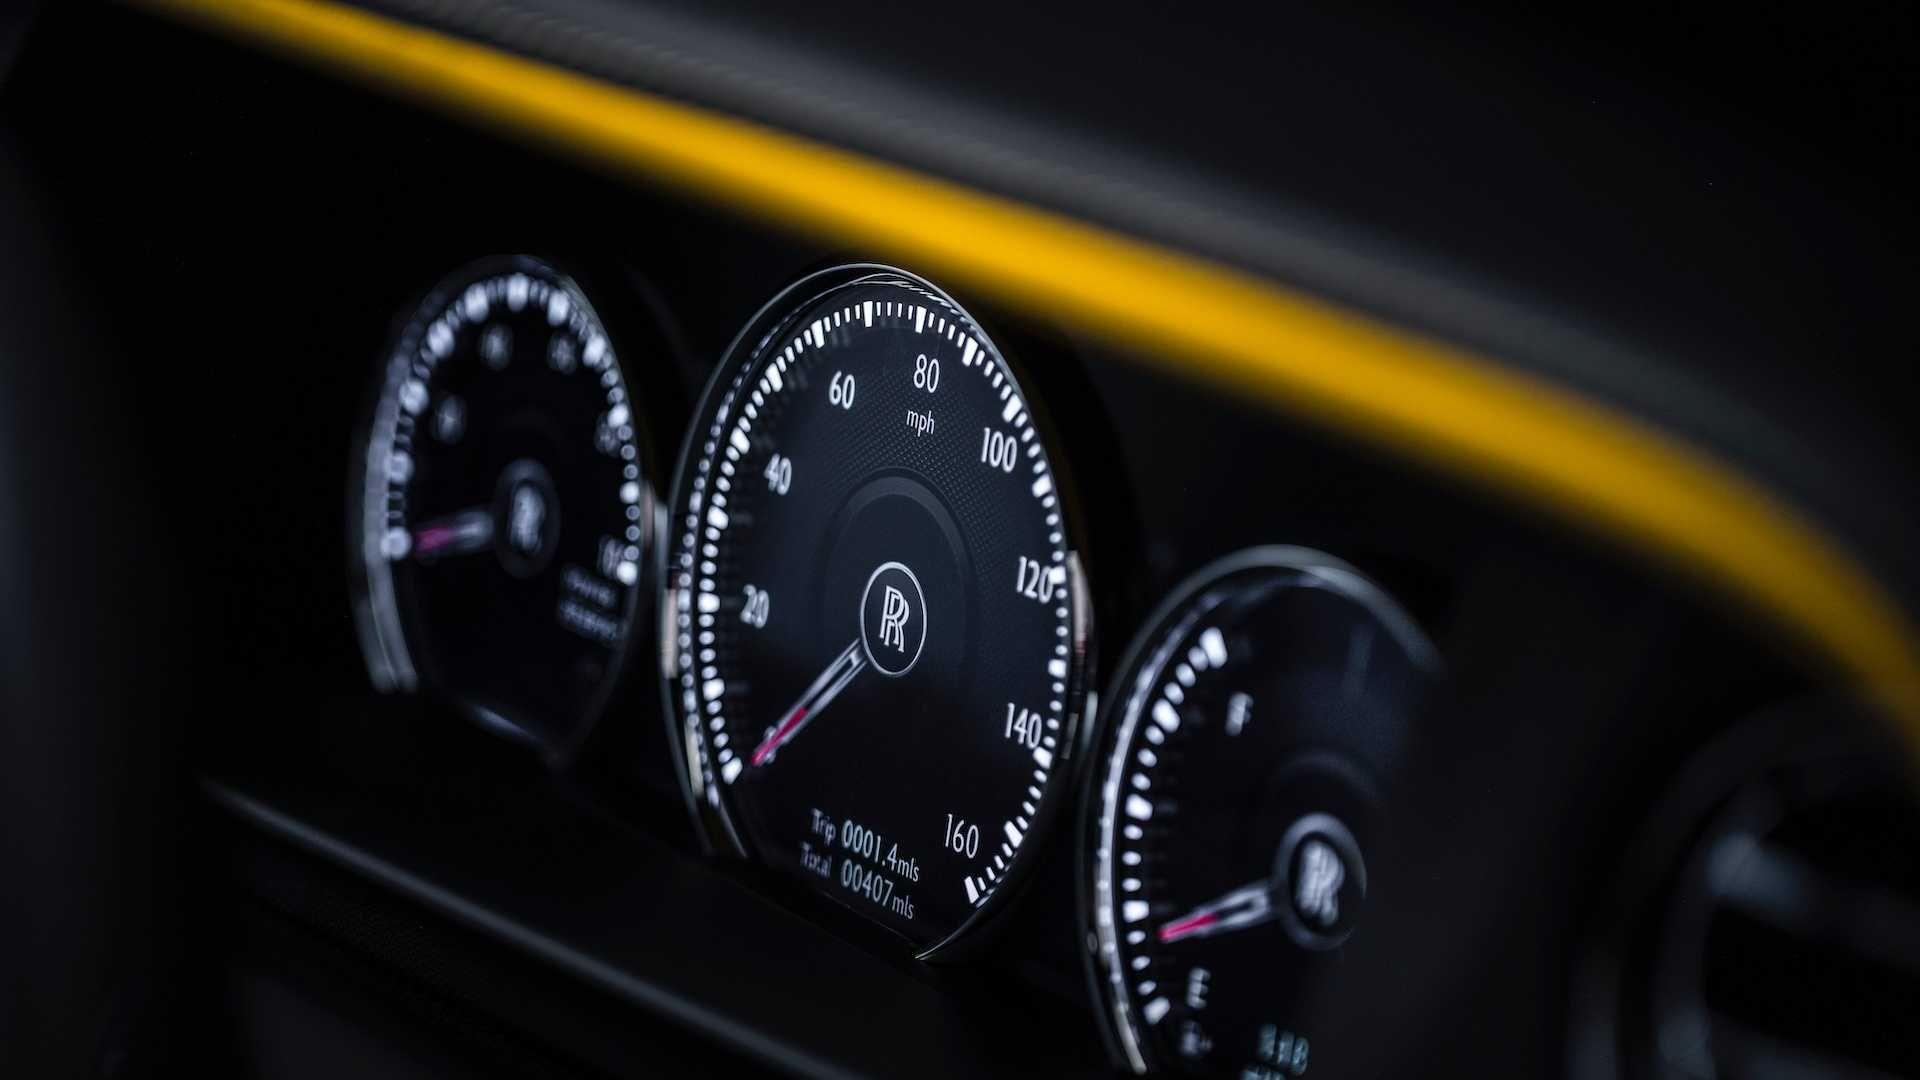 Українські дилери відкрили прийом замовлень на Rolls-Royce Cullinan Black Badge –найдорожчу та найпотужнішу версію розкішного кросовера